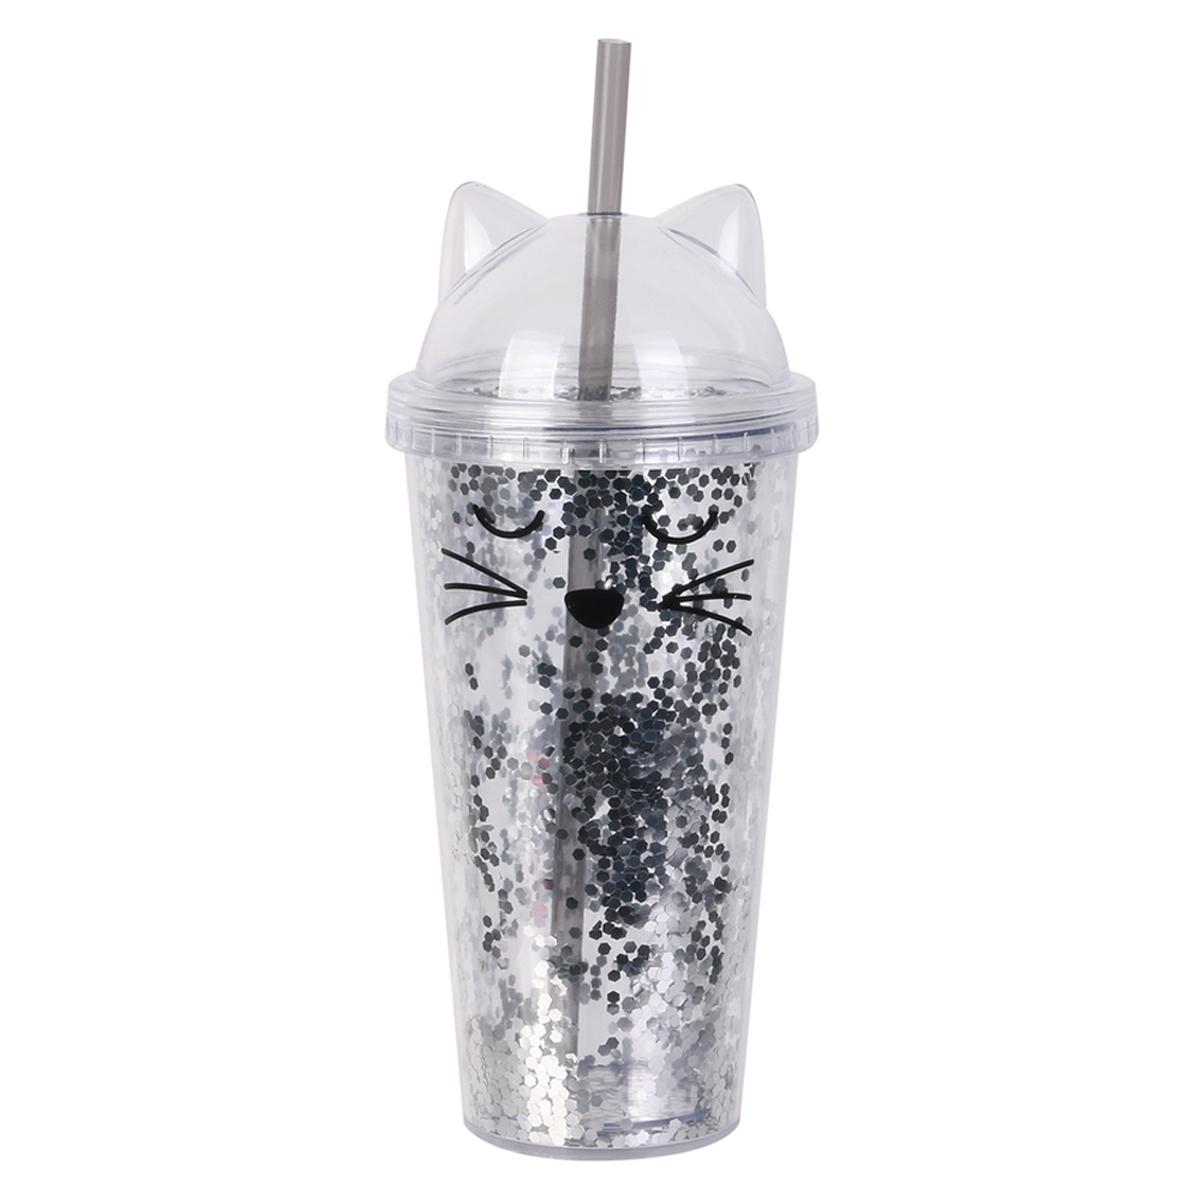 Mug de transport plastique \'Chats\' argenté paillettes - 24x9 cm (45 cl) - [A1707]